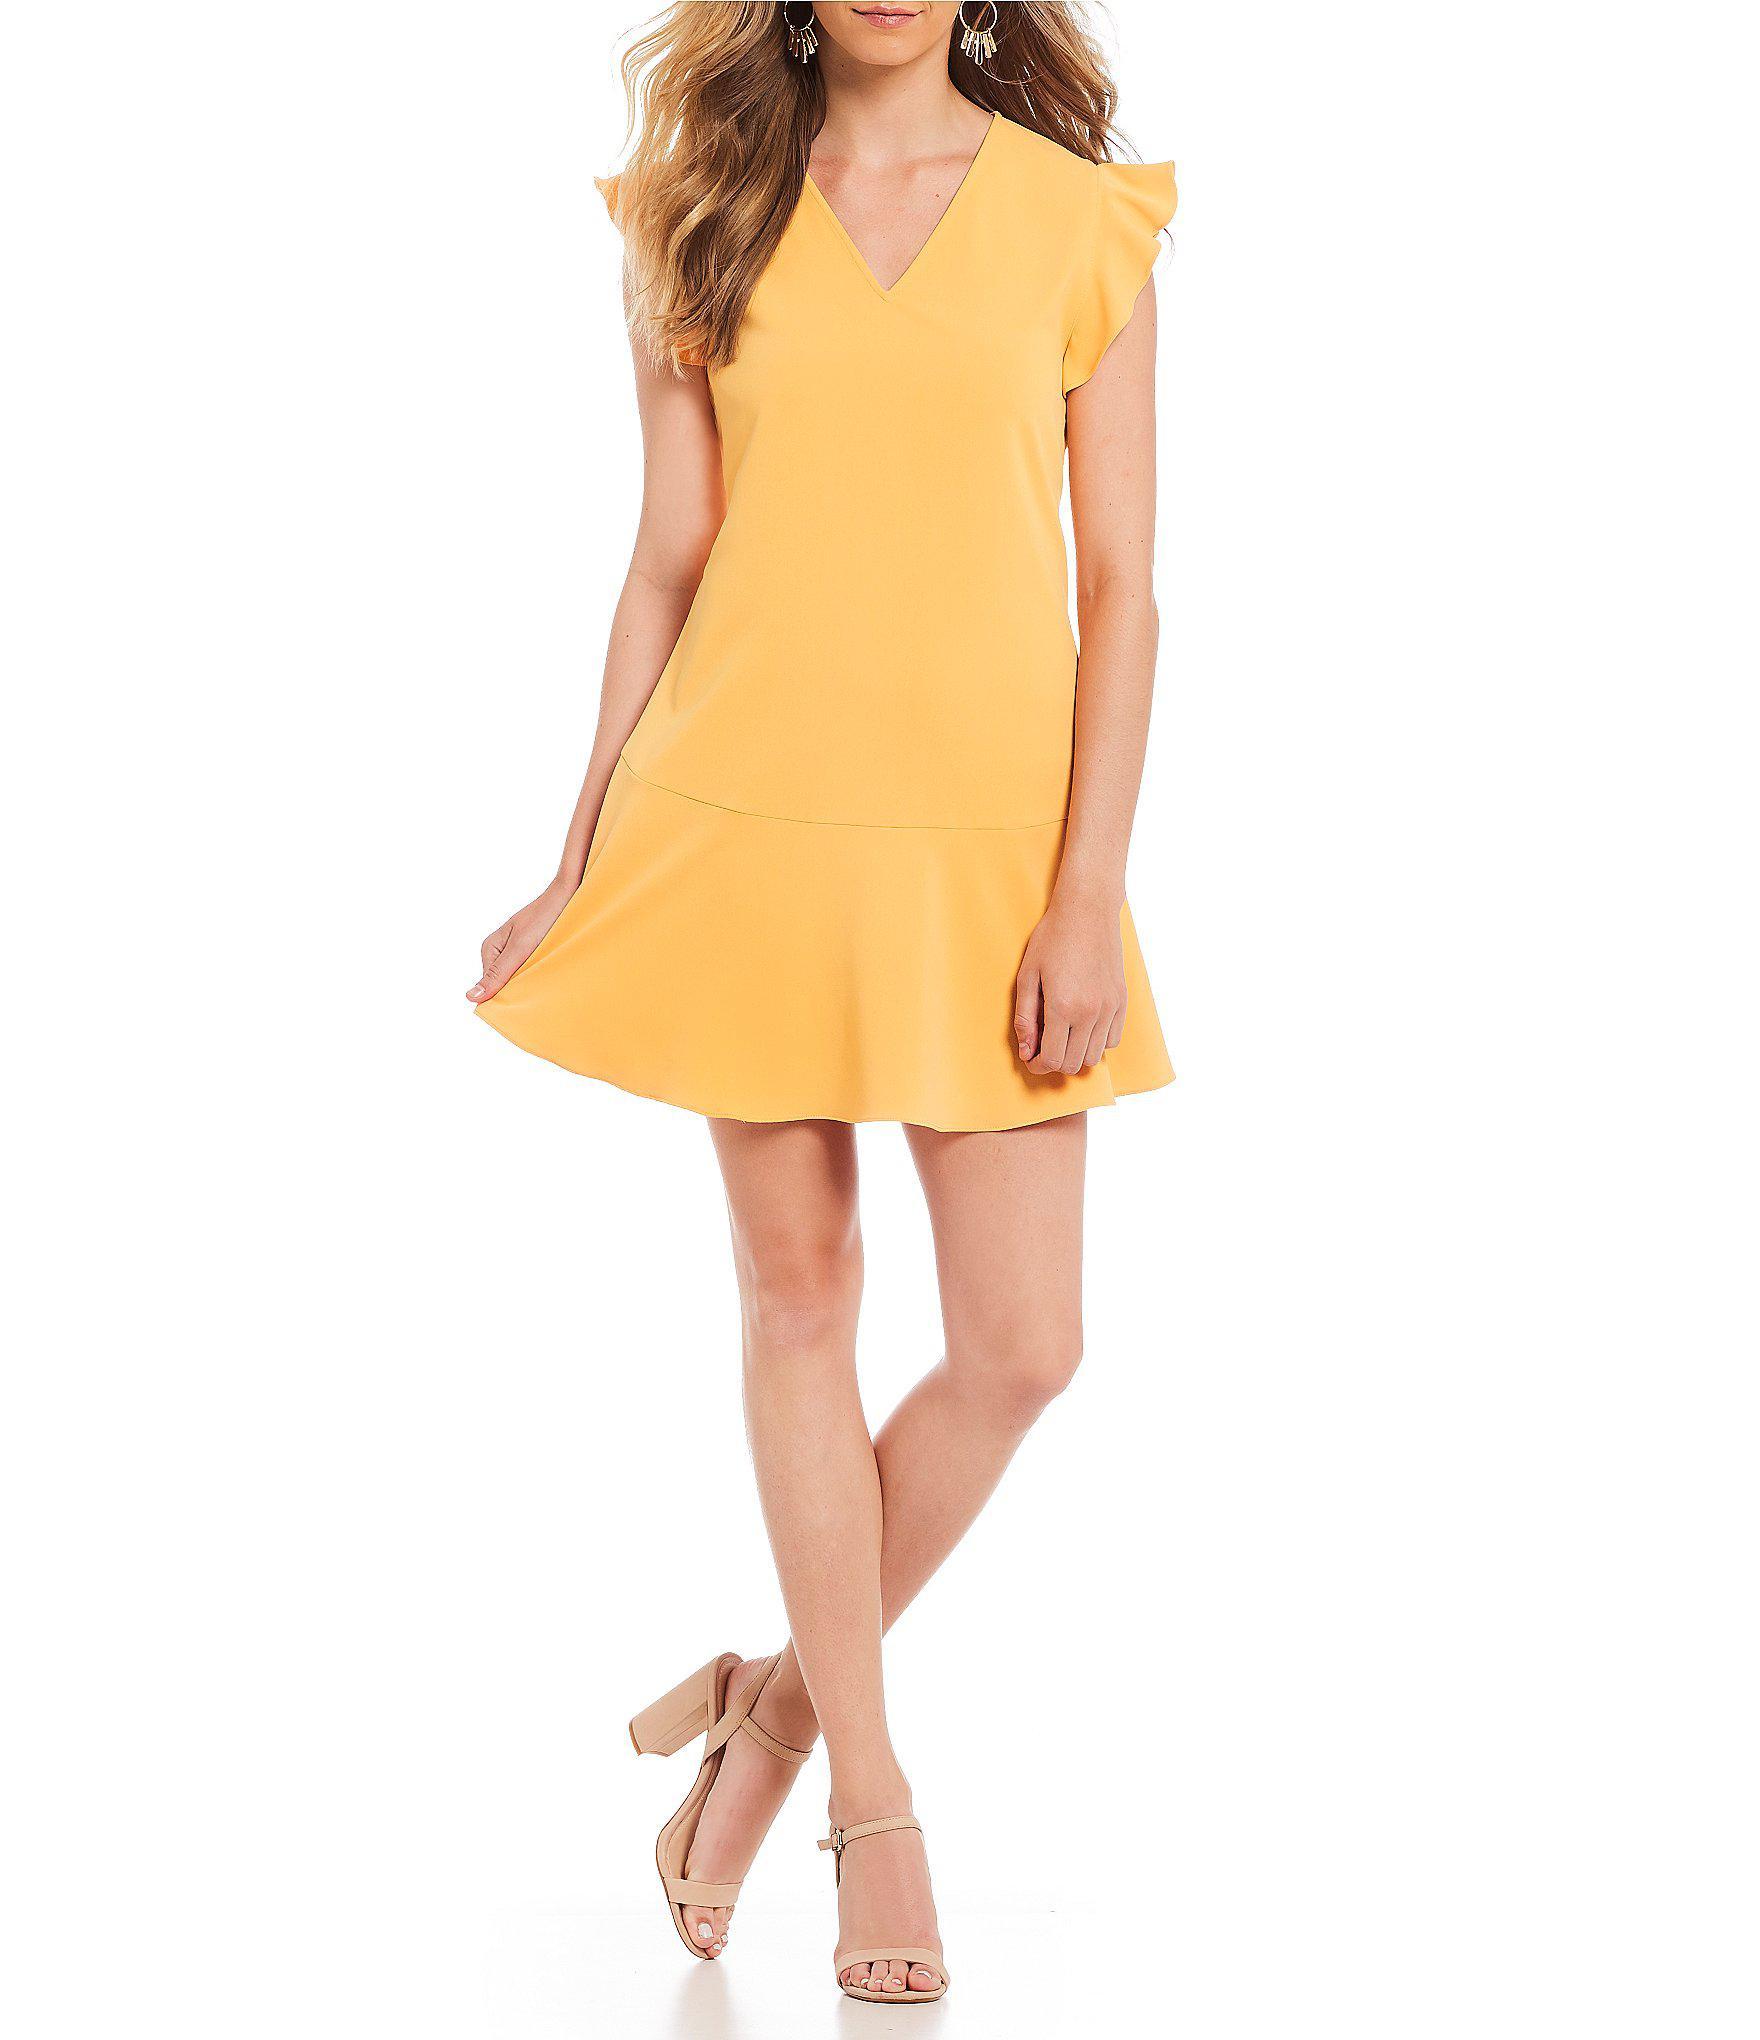 e3f9de5d72 Lyst - Gianni Bini Emily Ruffle Sleeve Shift Dress in Yellow